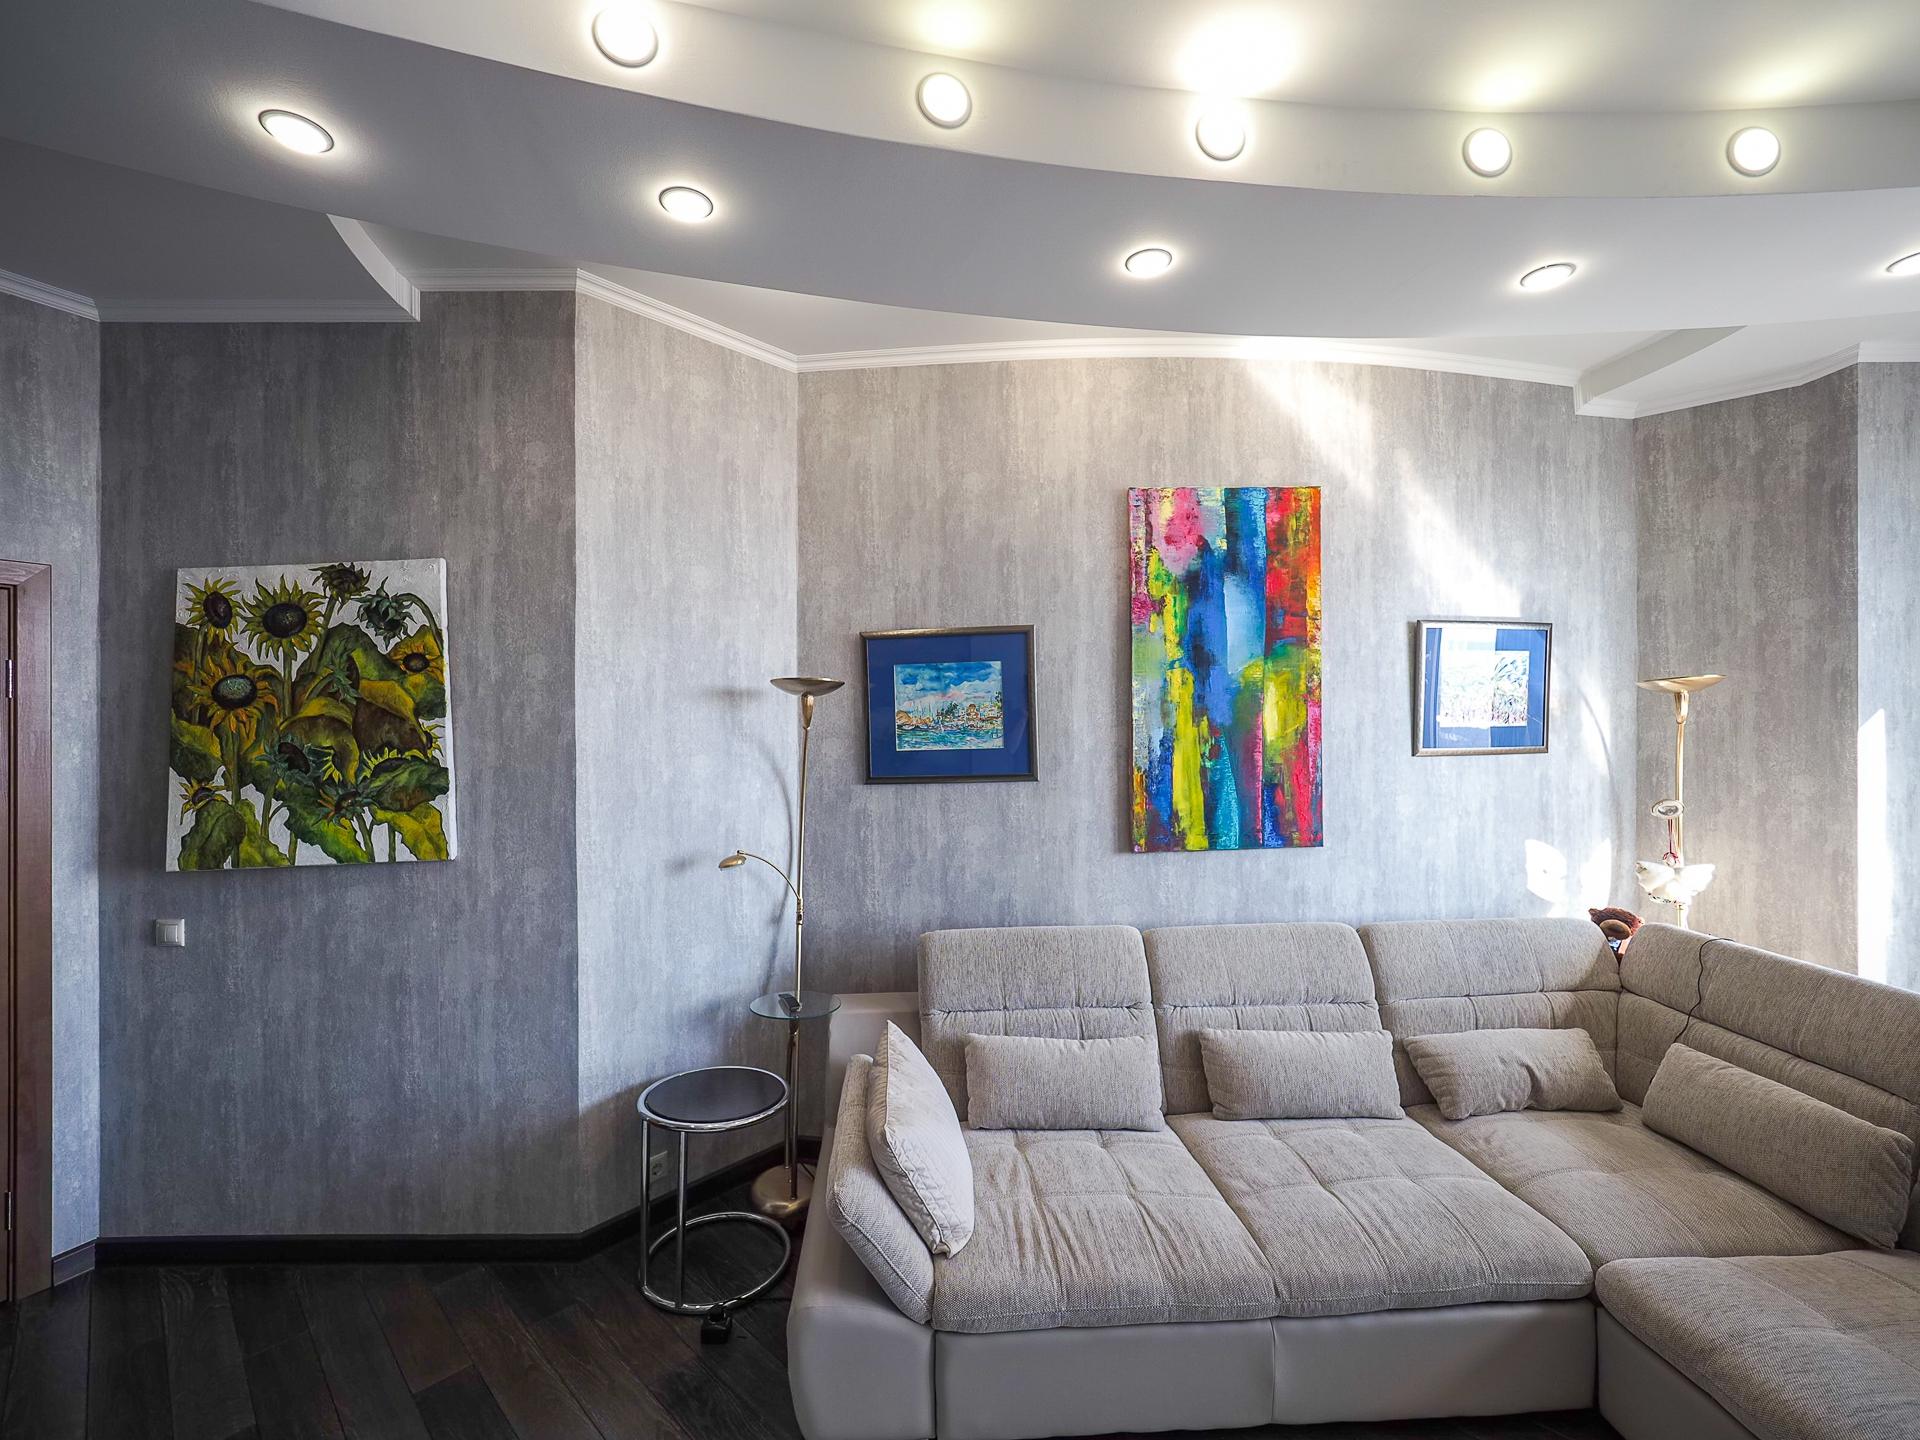 видовая квартира 22 этаж 100 Кв м 4